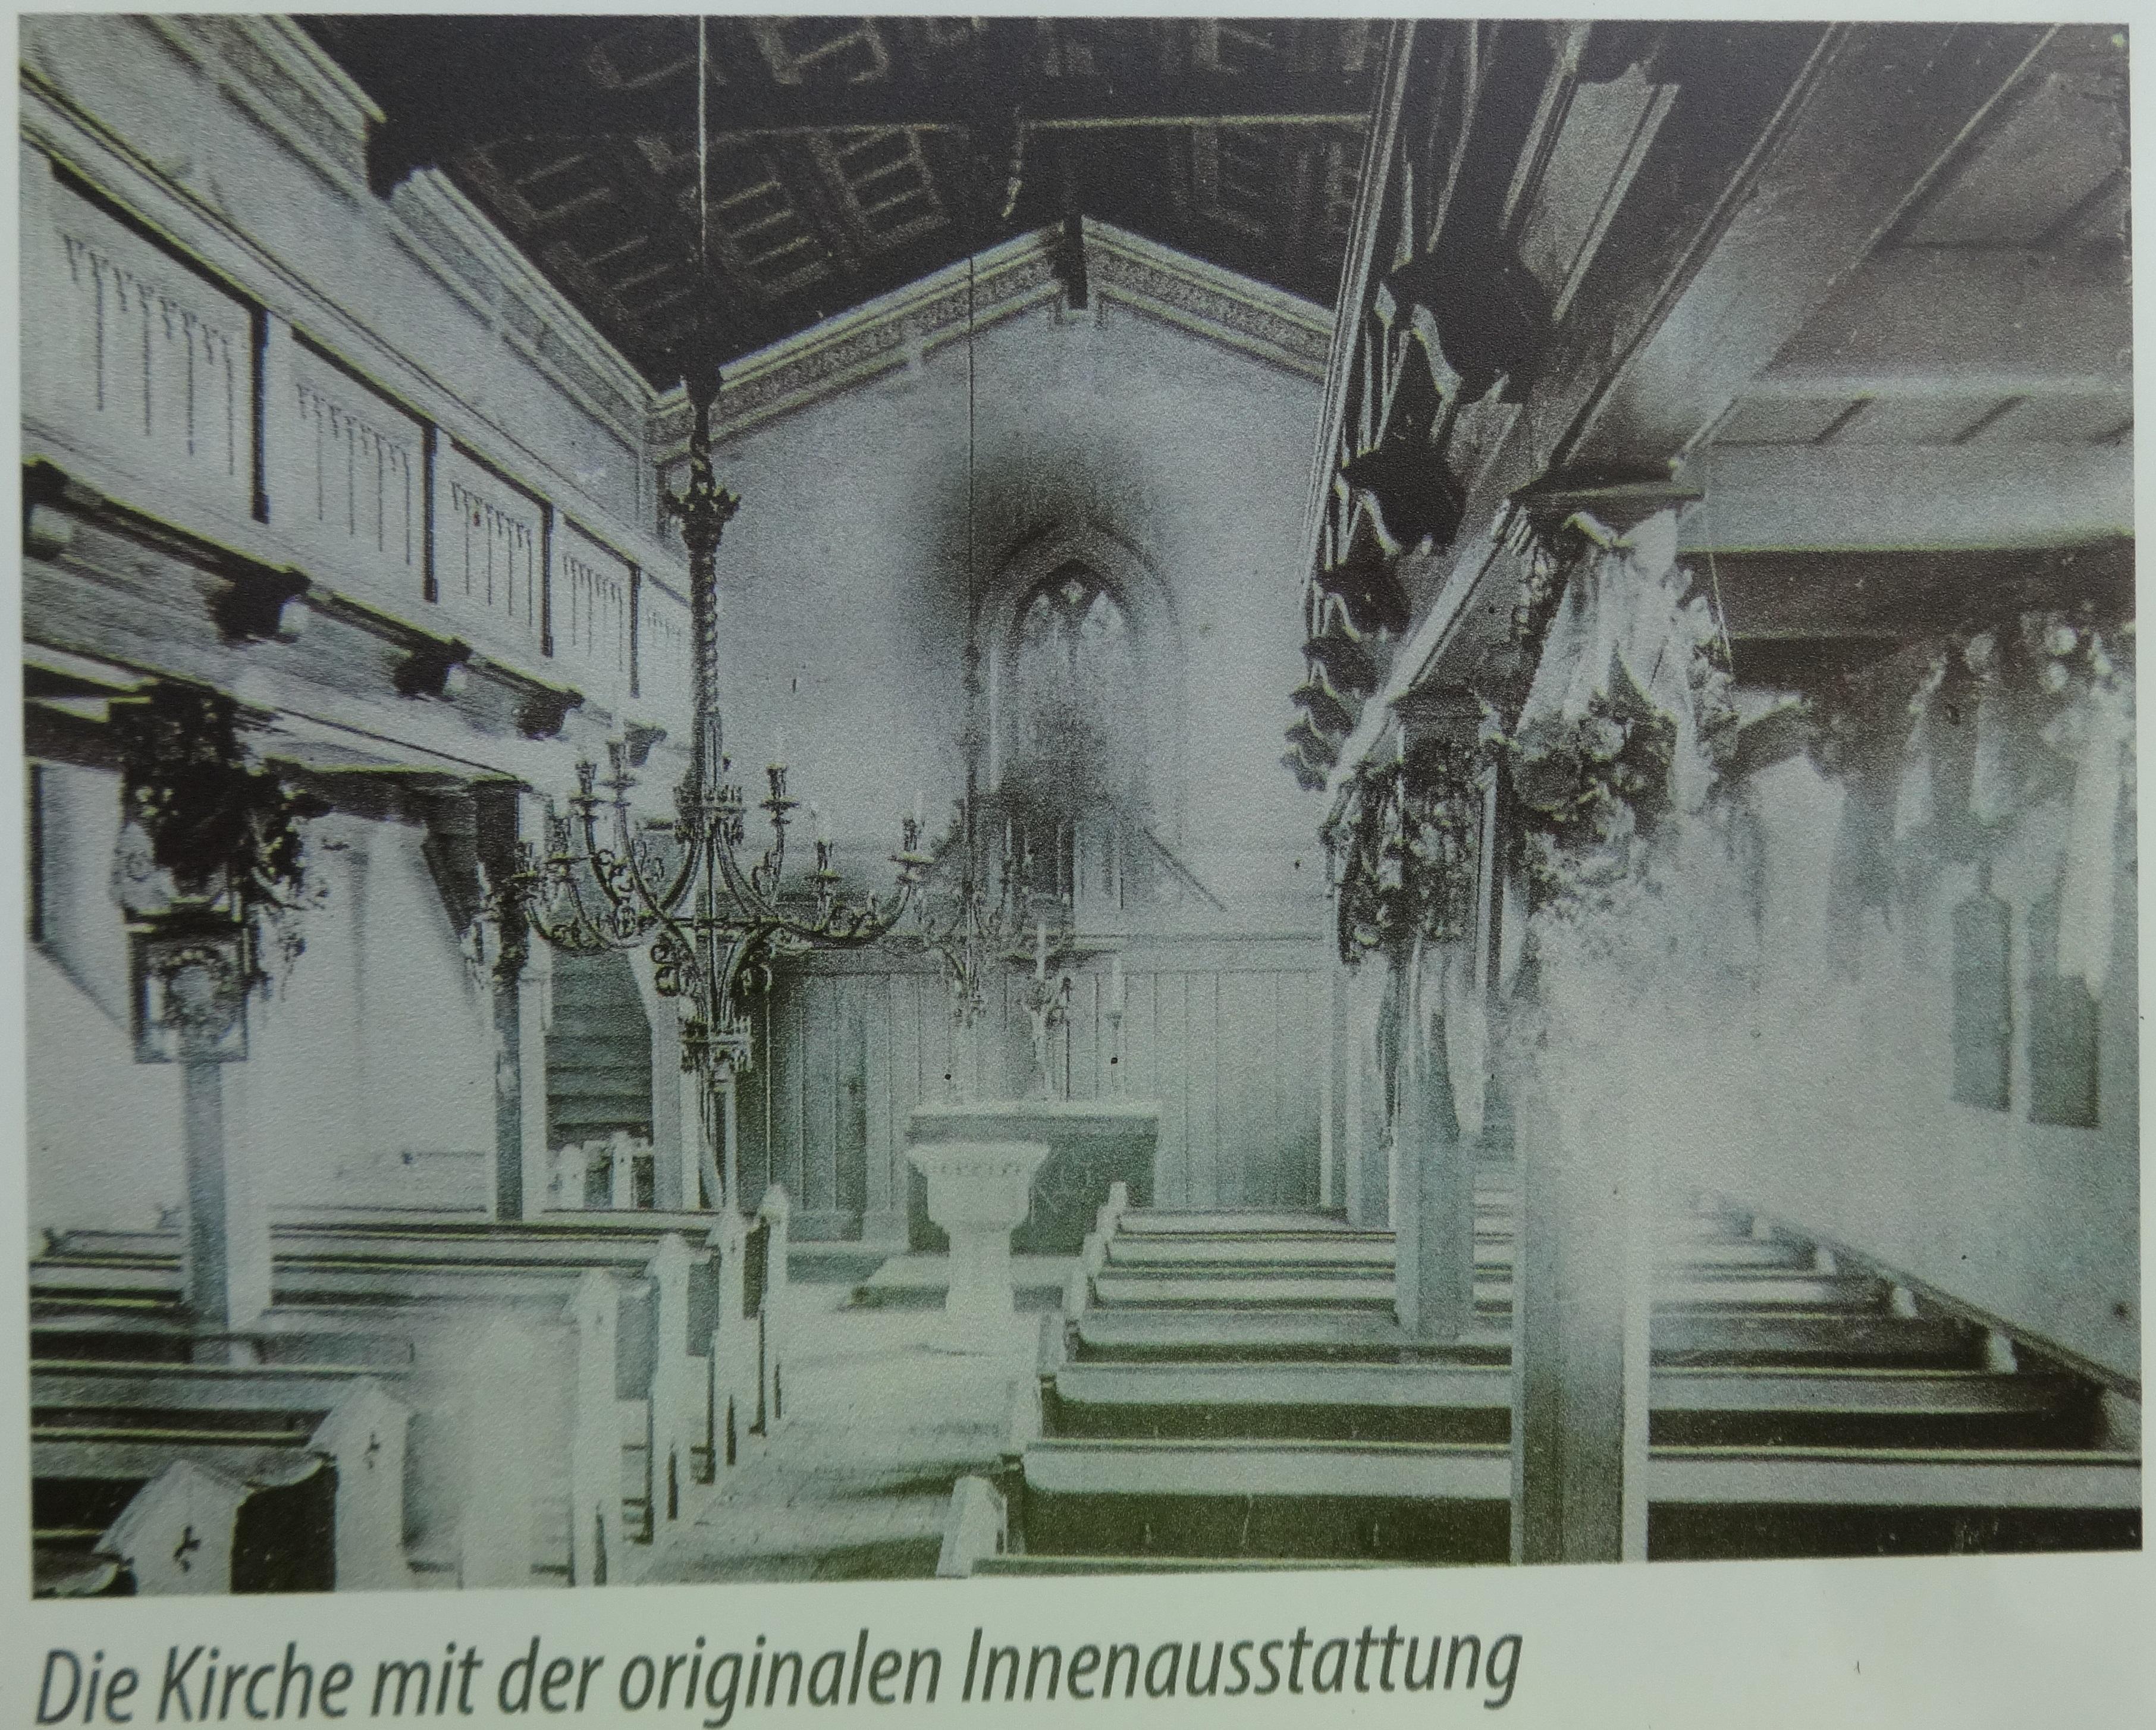 Datei:Dorfkirche Stücken originale Innenausstattung (FoP-Germany ...